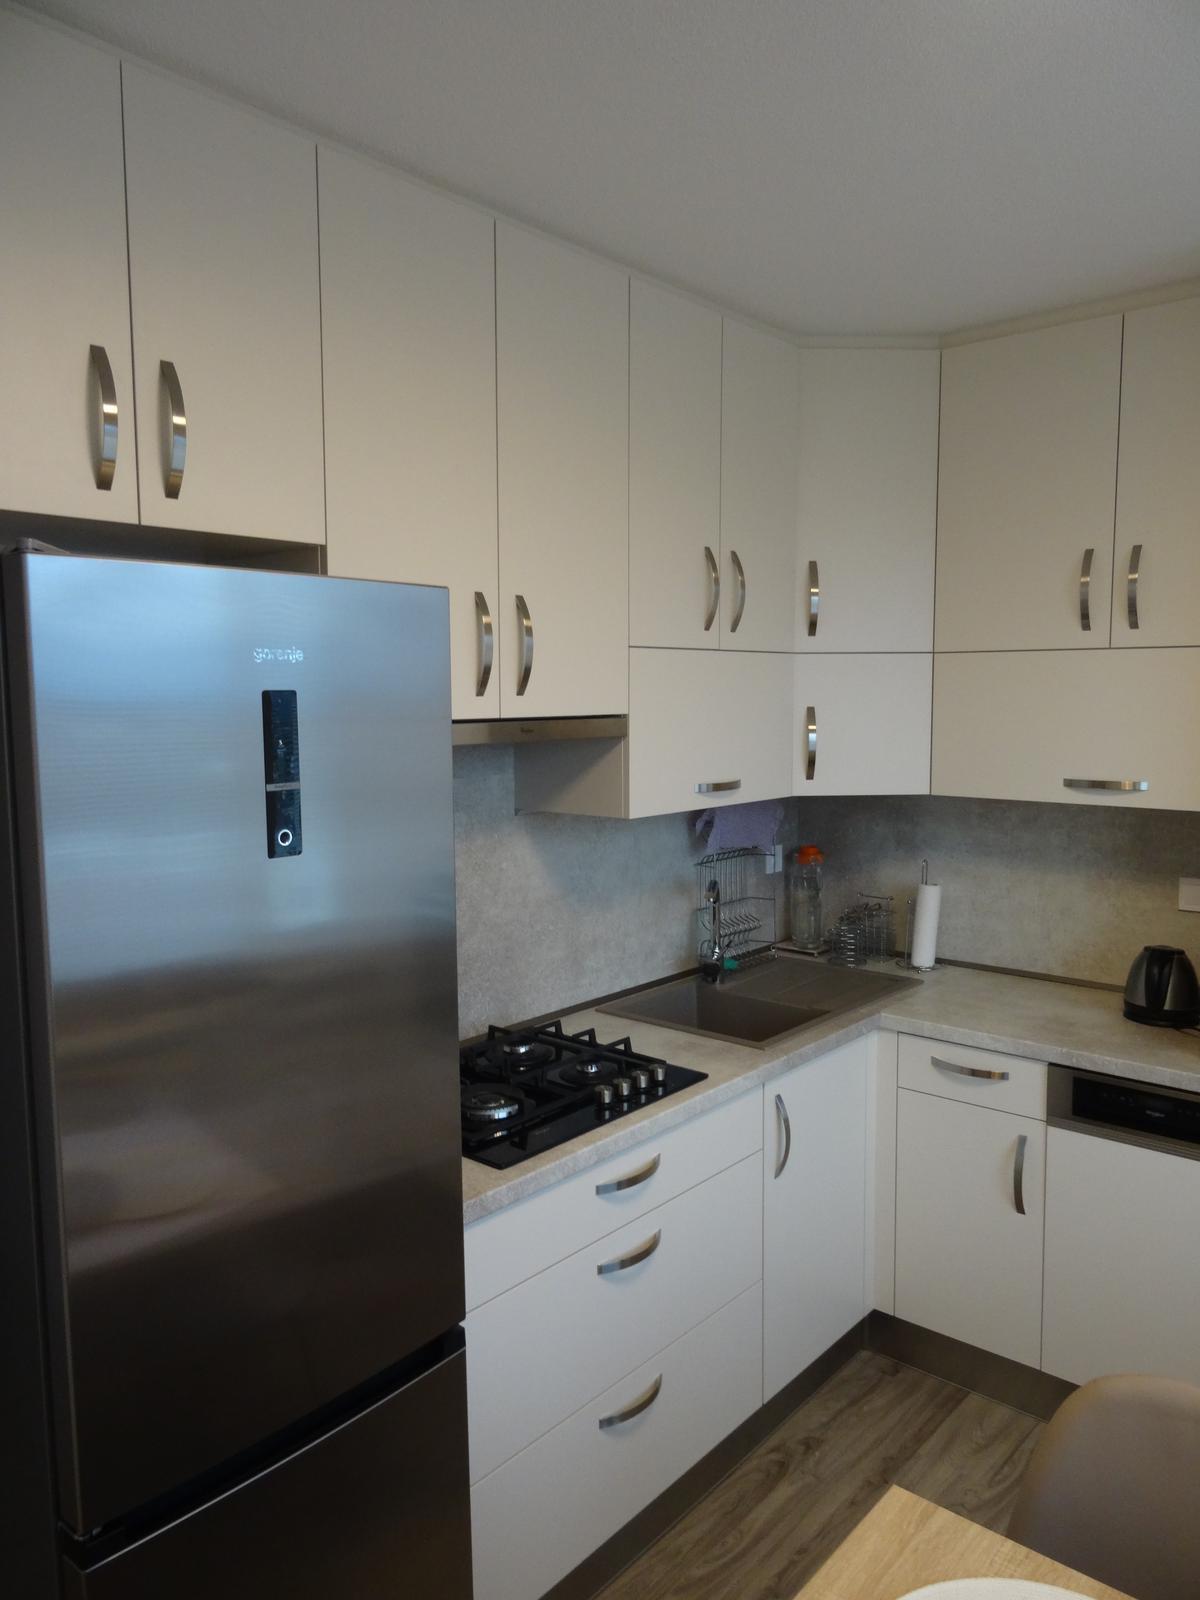 Realizované kuchyne-panelák 2 - Realizácia kuchynskej linky po strop v paneláku v ZV - obr.3